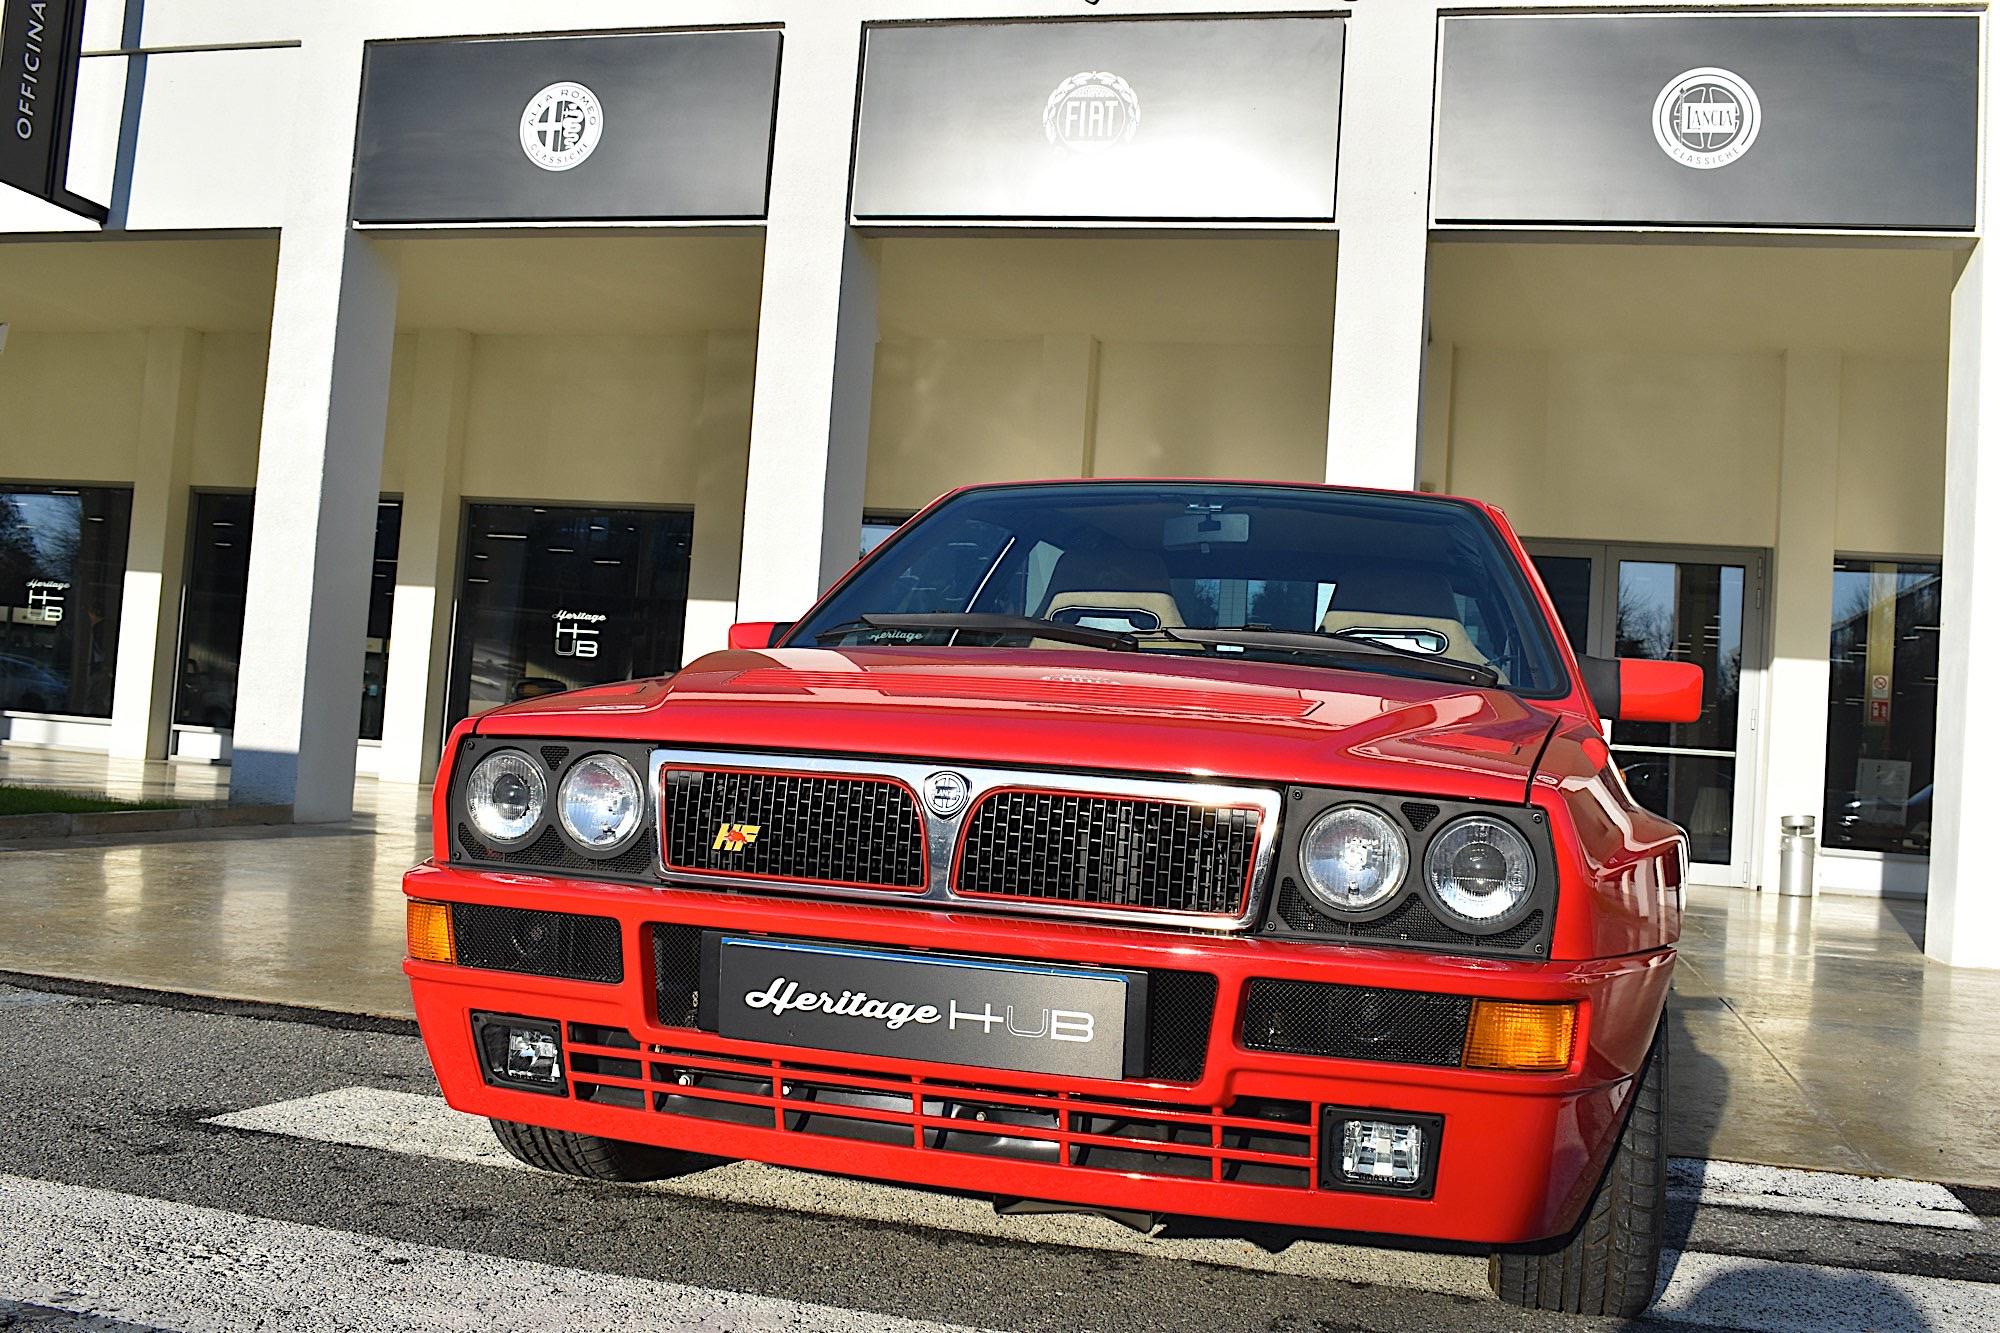 Passione motori cover image